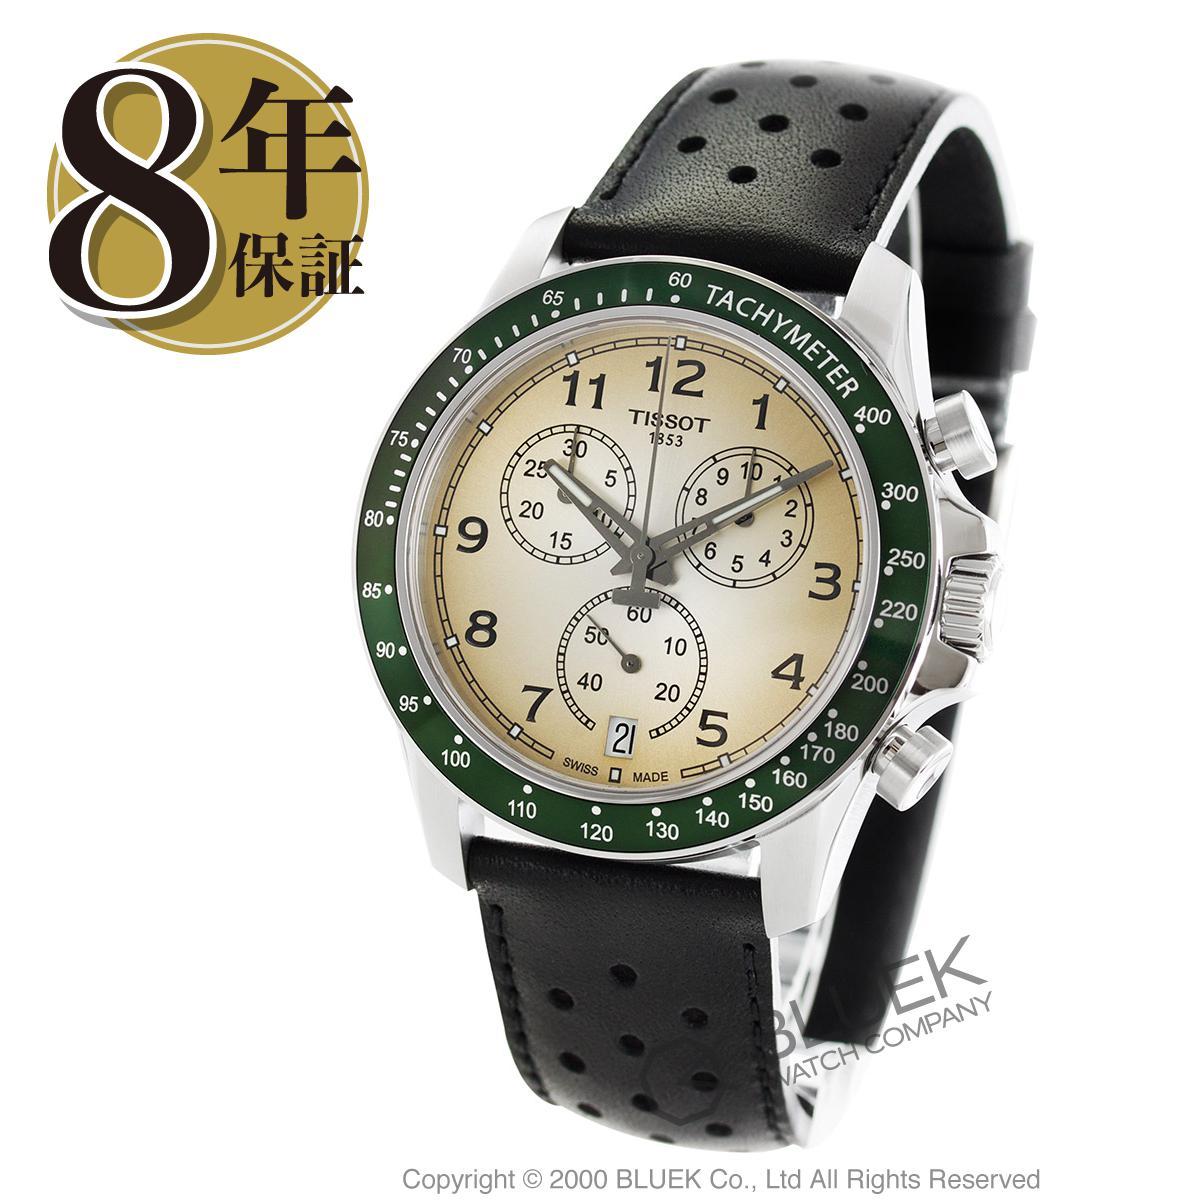 ティソ T-スポーツ V8 クロノグラフ 腕時計 メンズ TISSOT T106.417.16.032.00_8